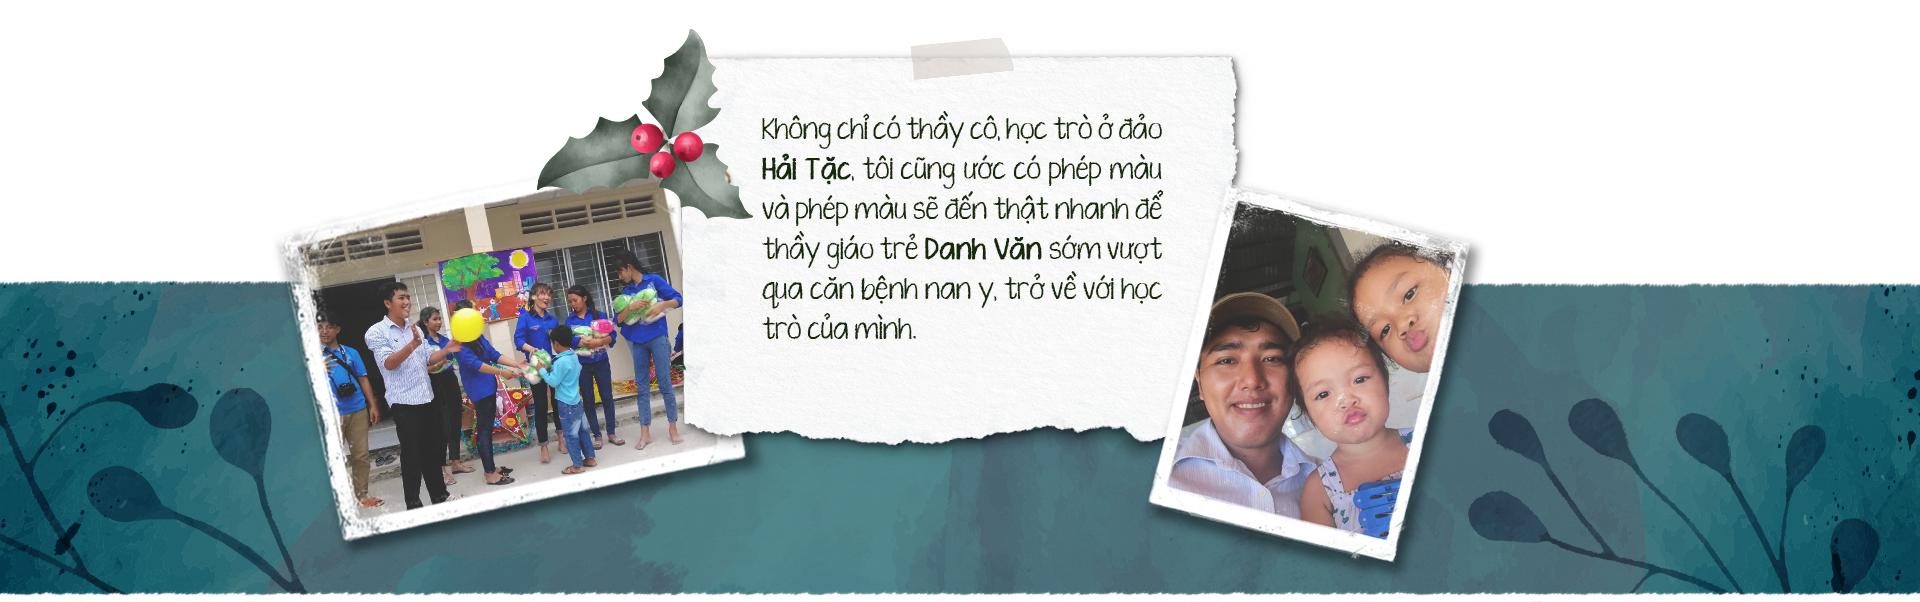 Điều ước mùa Giáng sinh ở đảo Hải Tặc - Ảnh 13.